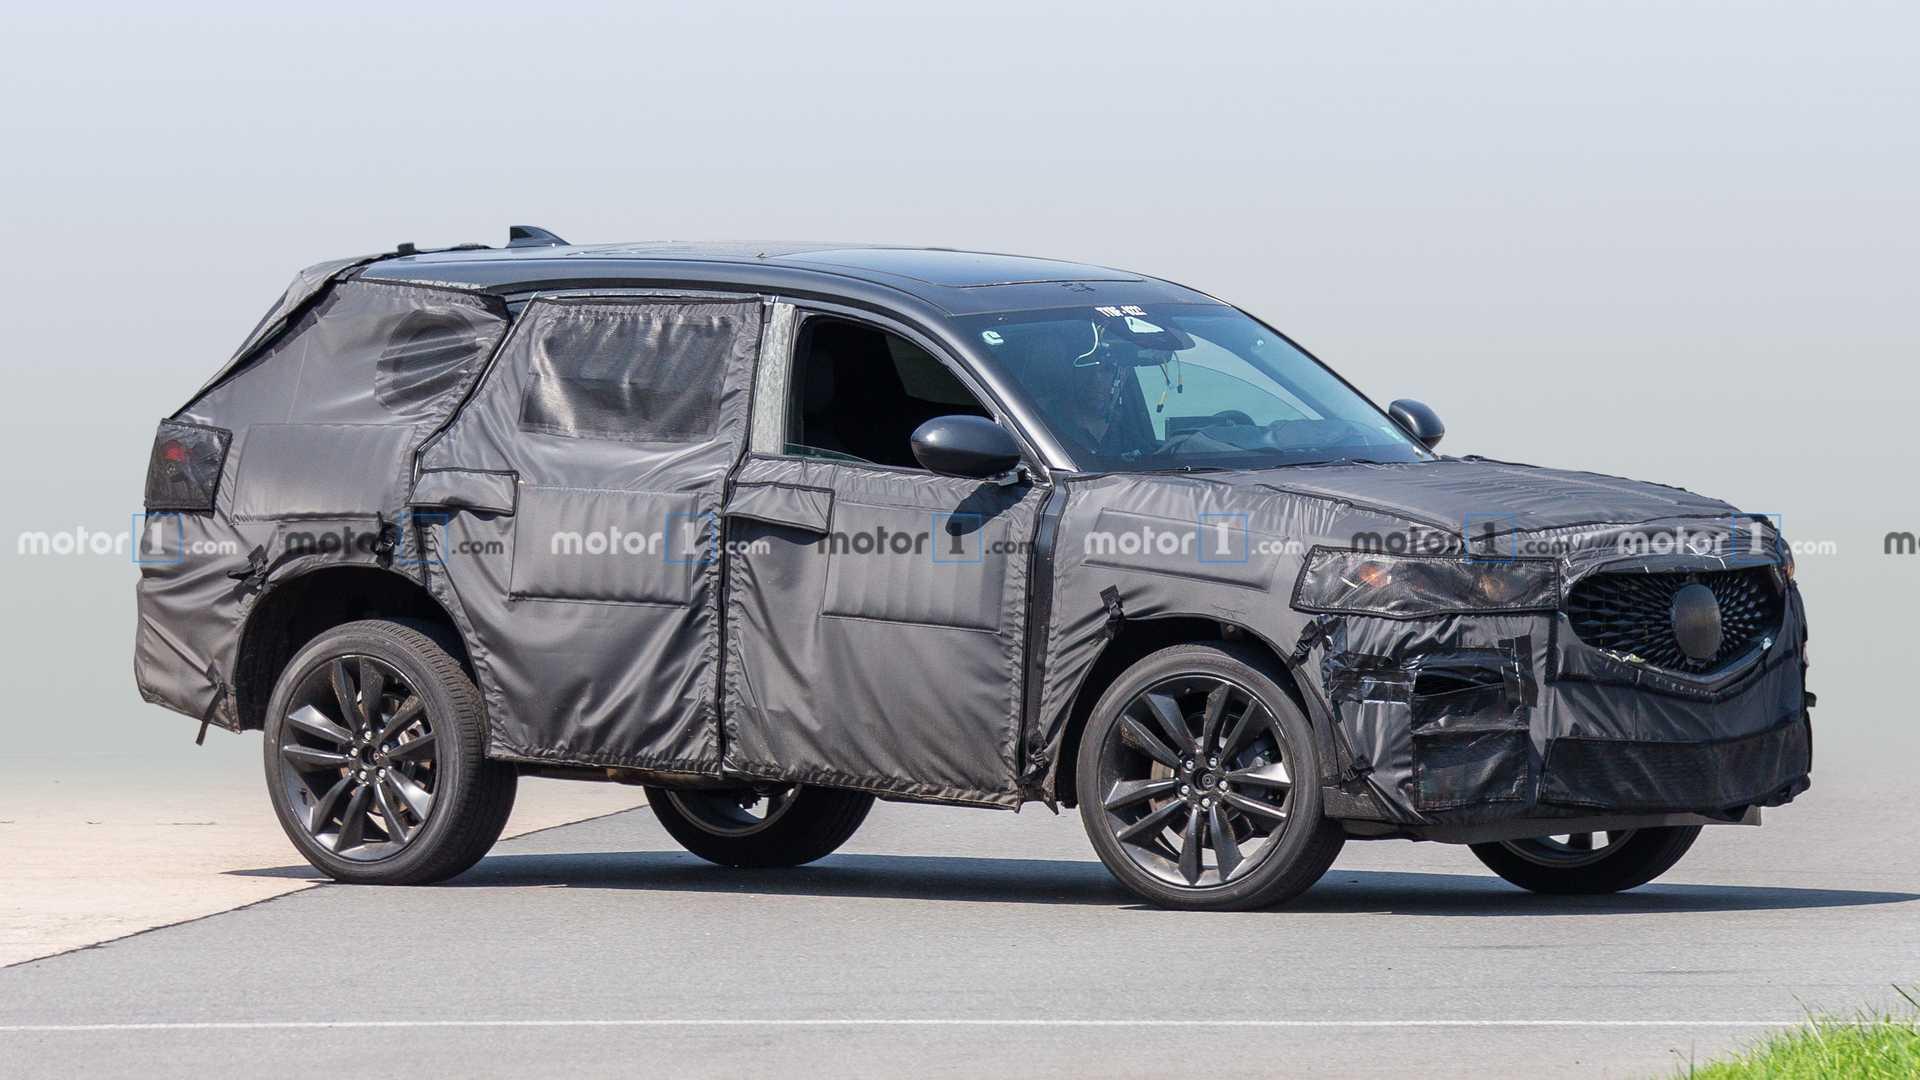 65 All New Acura Mdx 2020 Spy Shots Exterior by Acura Mdx 2020 Spy Shots